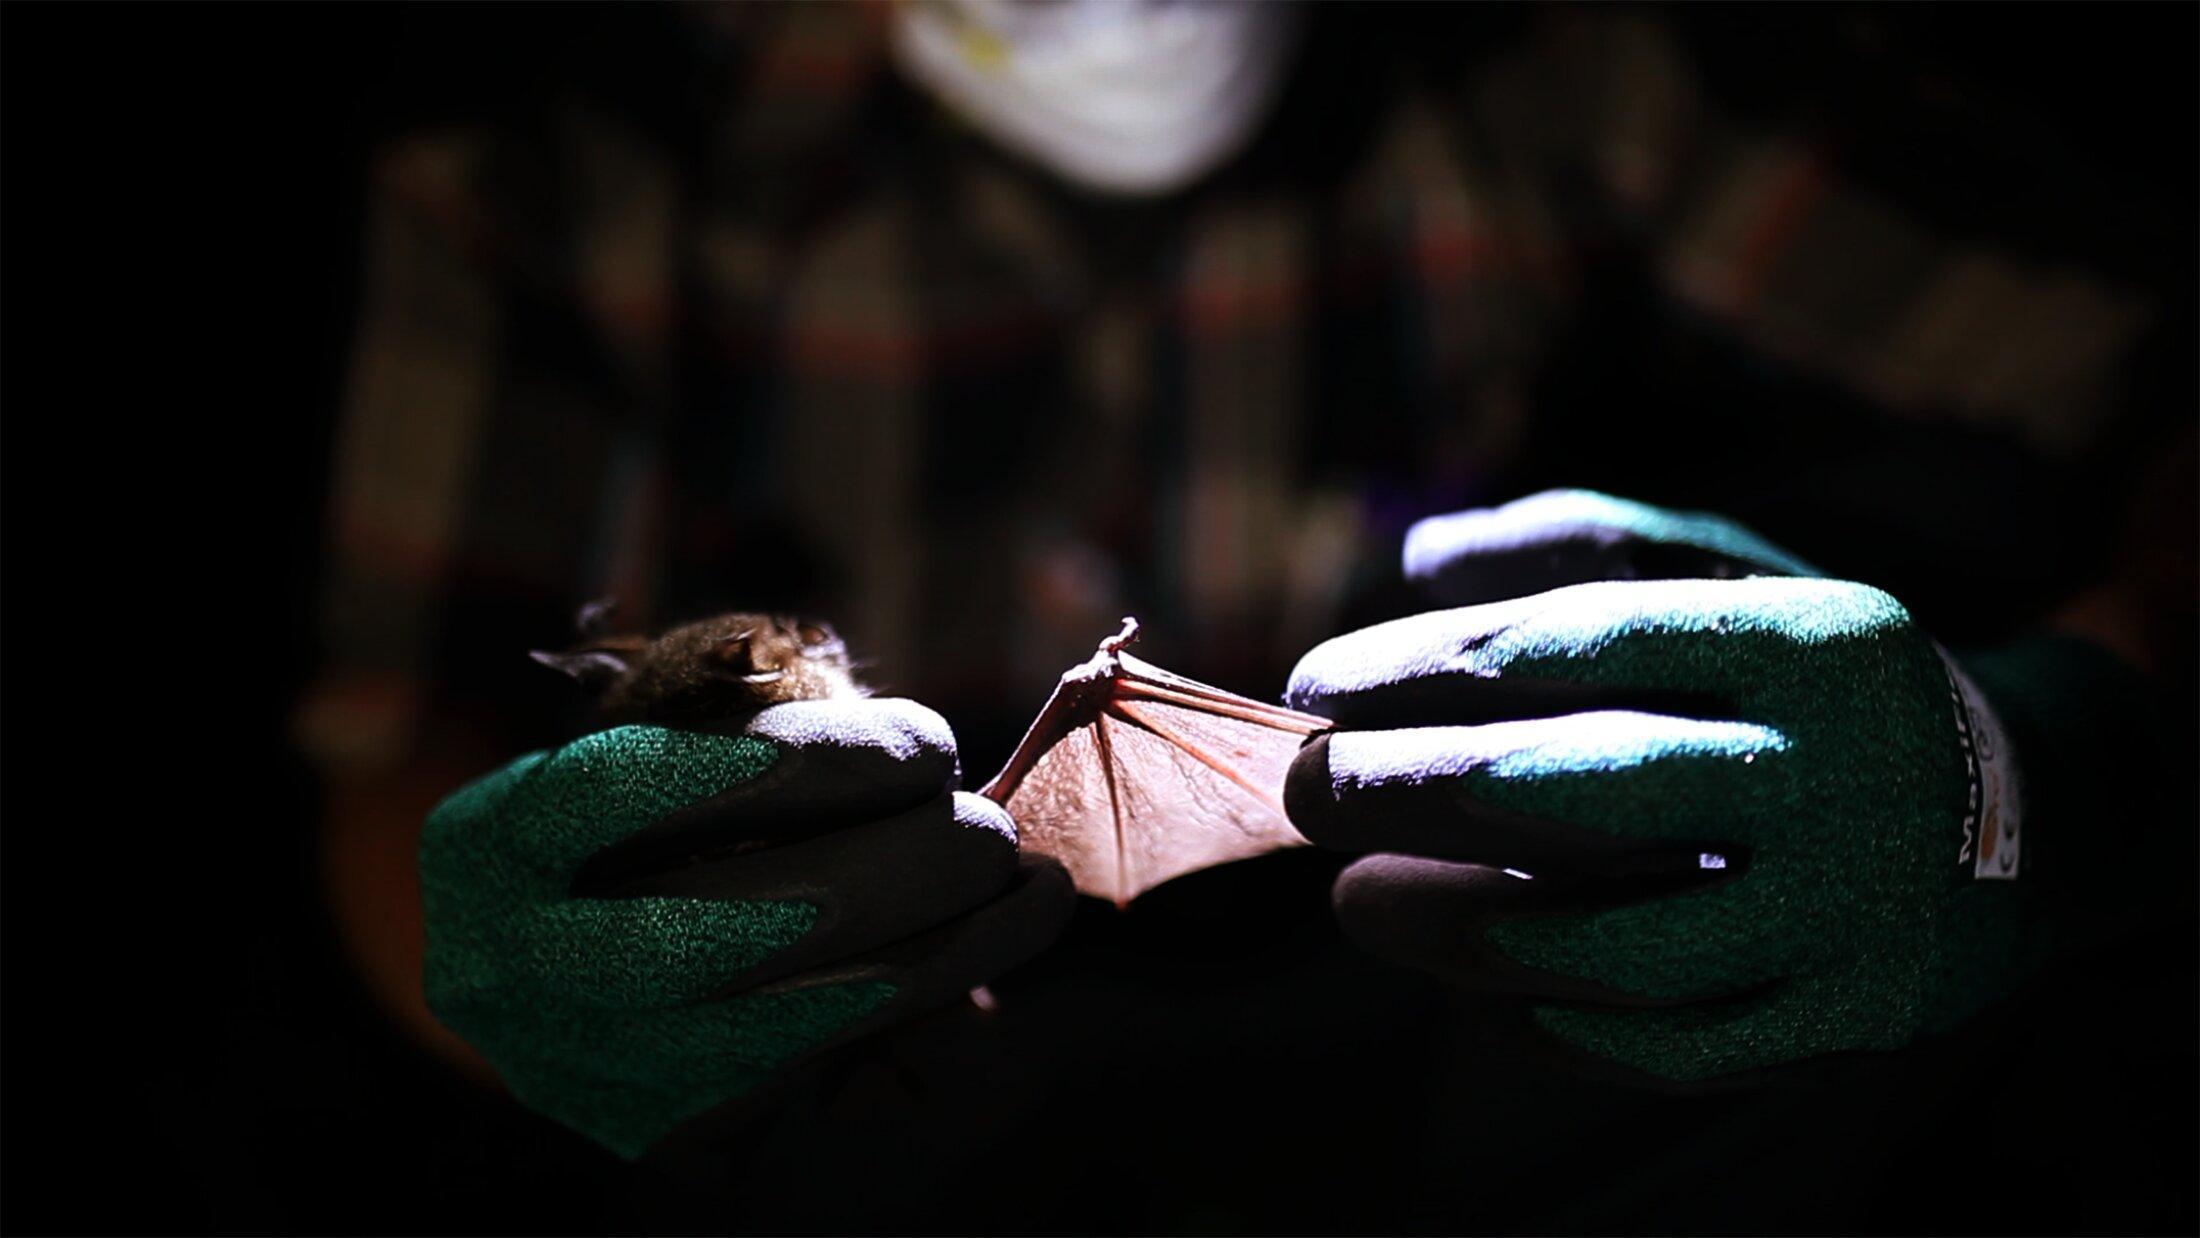 Биологи впервые обнаружили «родственников» вируса краснухи